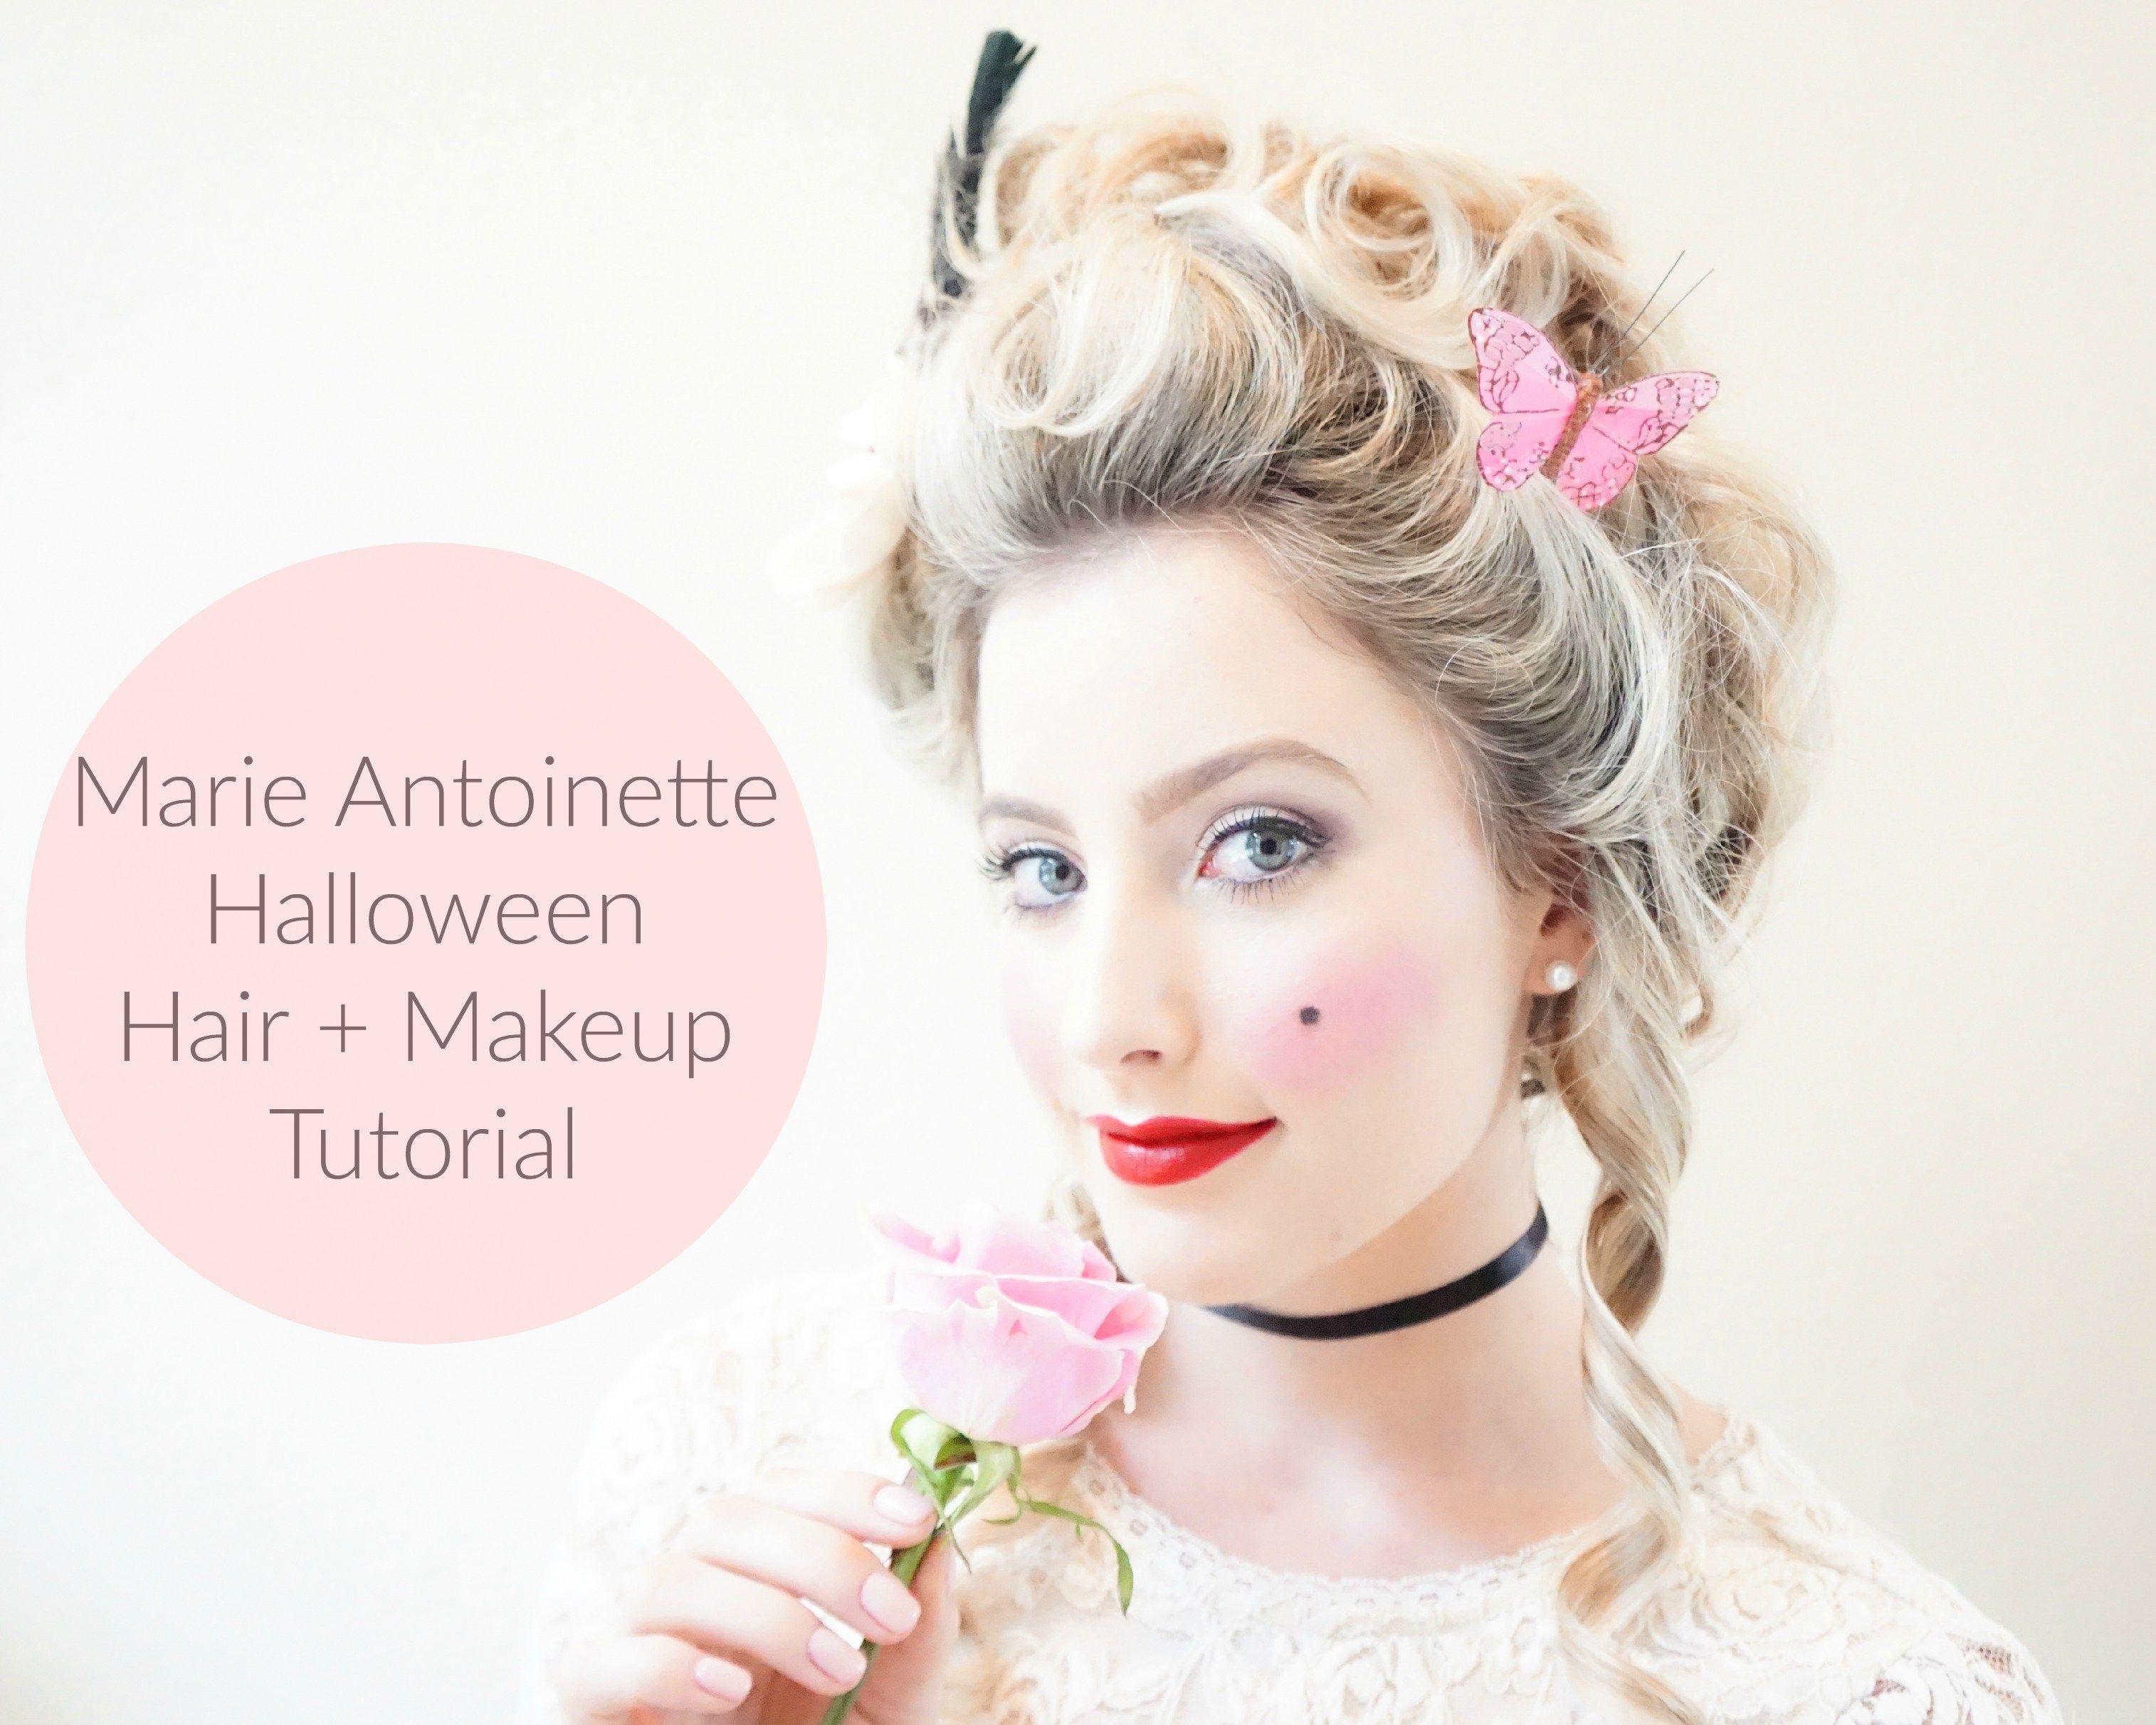 Marie Antoinette Halloween Hair Makeup Tutorial